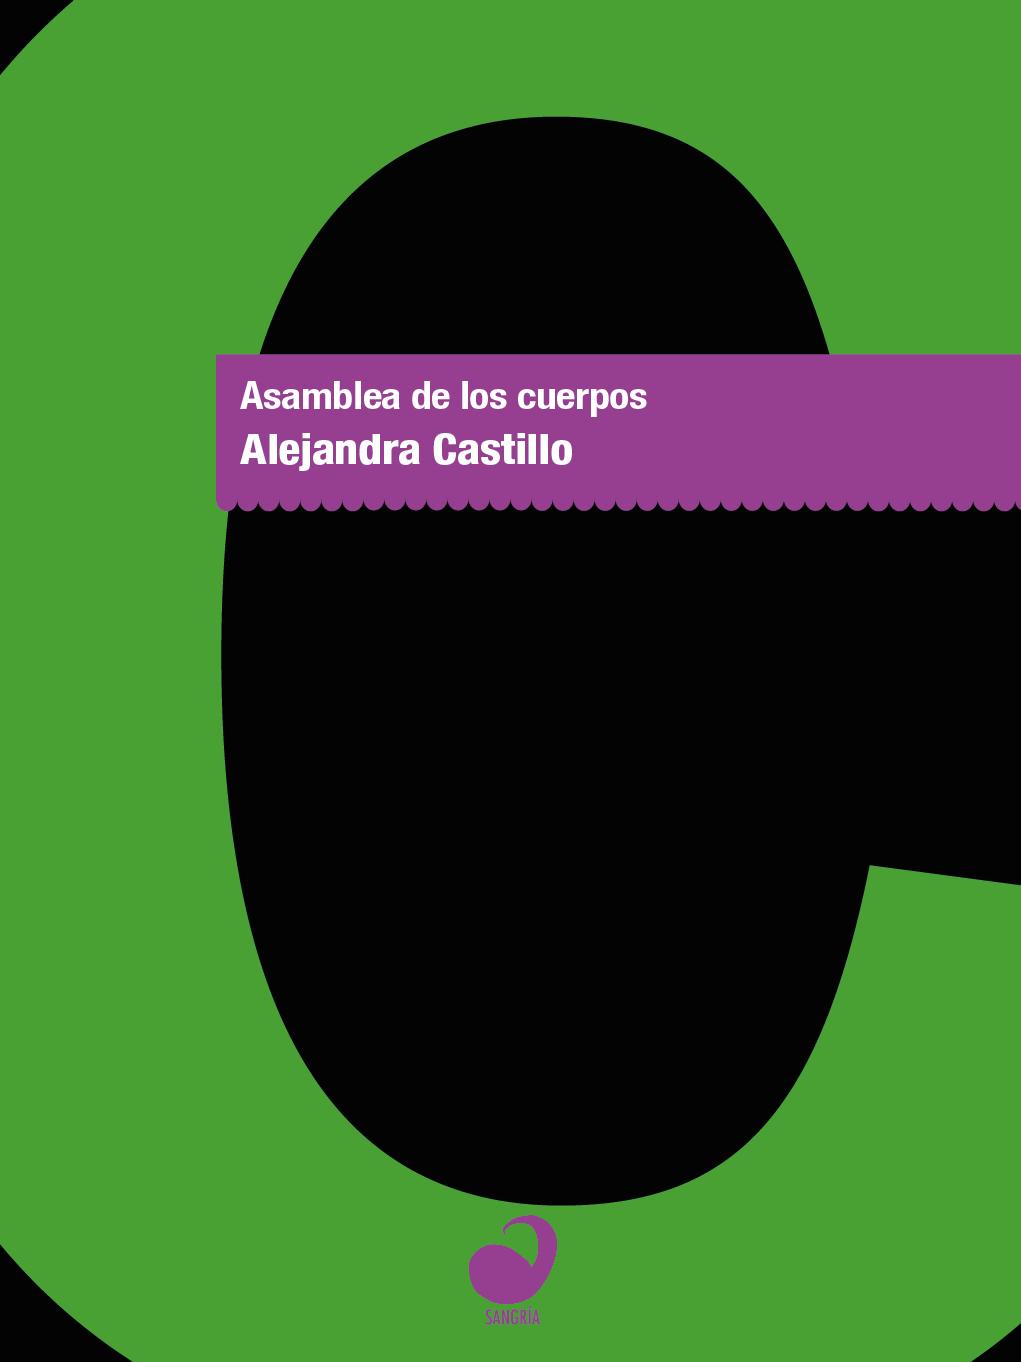 Asamblea de los cuerpos – Alejandra Castillo – Sangría – Portada